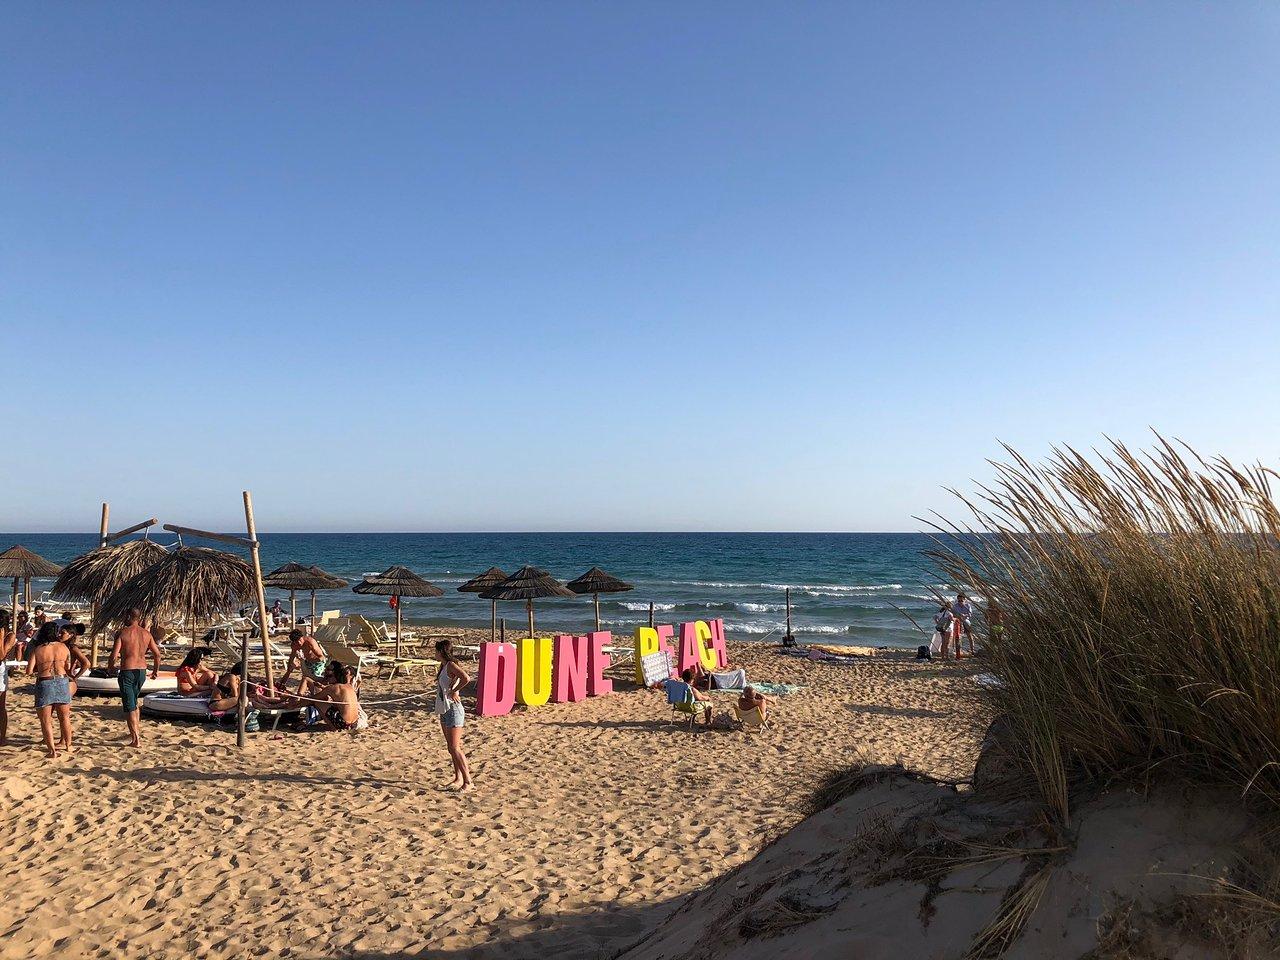 Lidi balneari in Sicilia, concessione  della Regione gratis per un anno